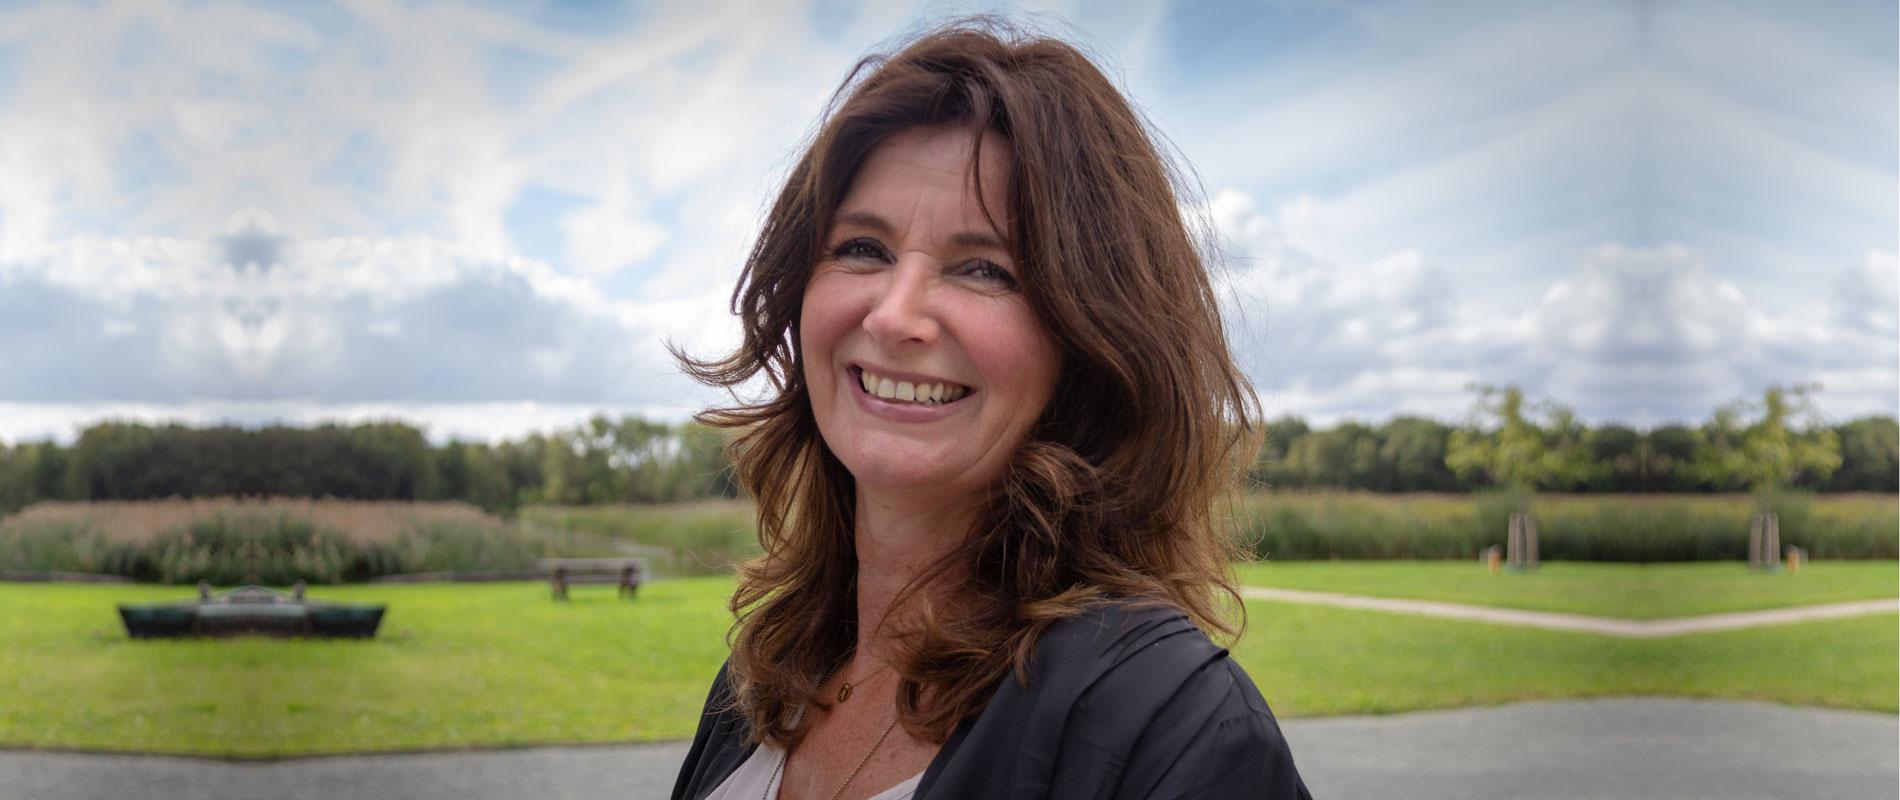 Scheidingscoach bij Succesvol Scheiden Nederland en puberexpert